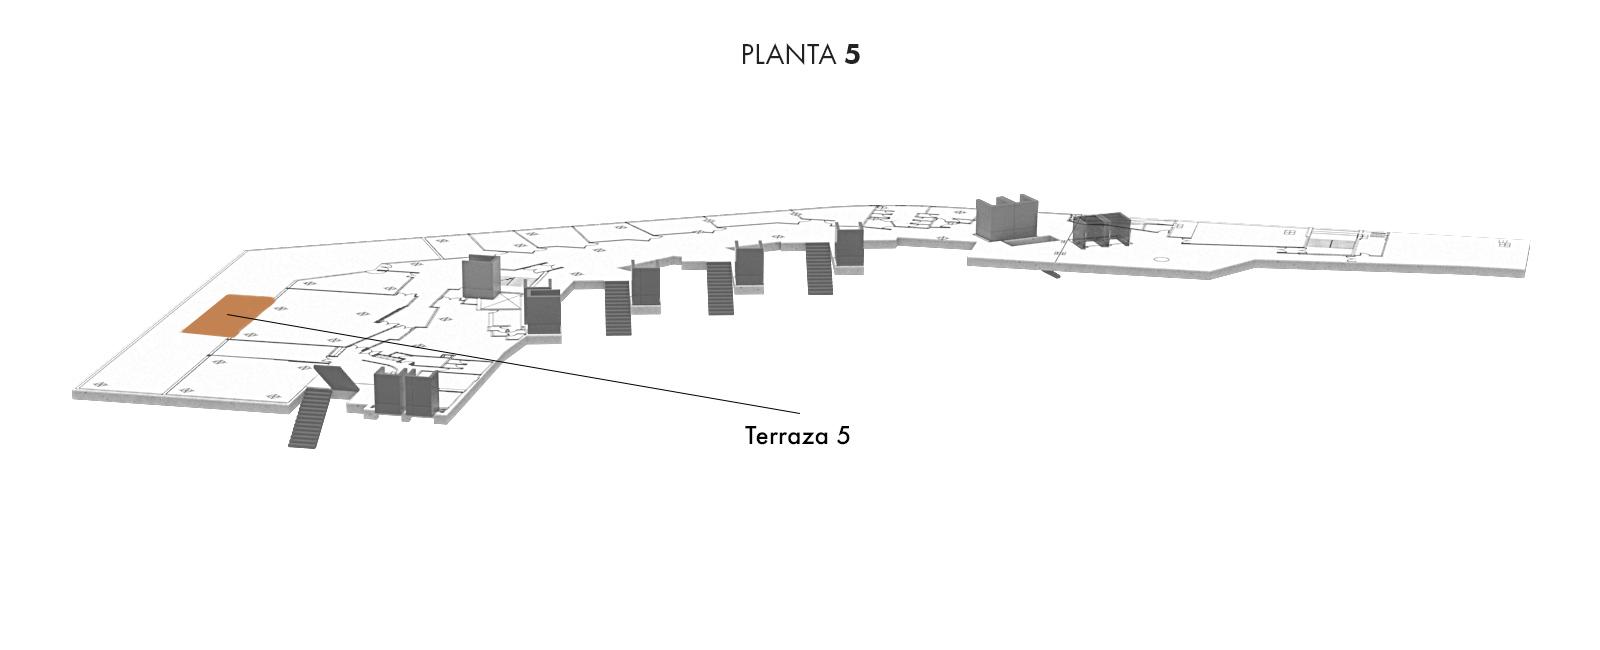 Terraza 5, Planta 5 | Palacio Euskalduna Jauregia